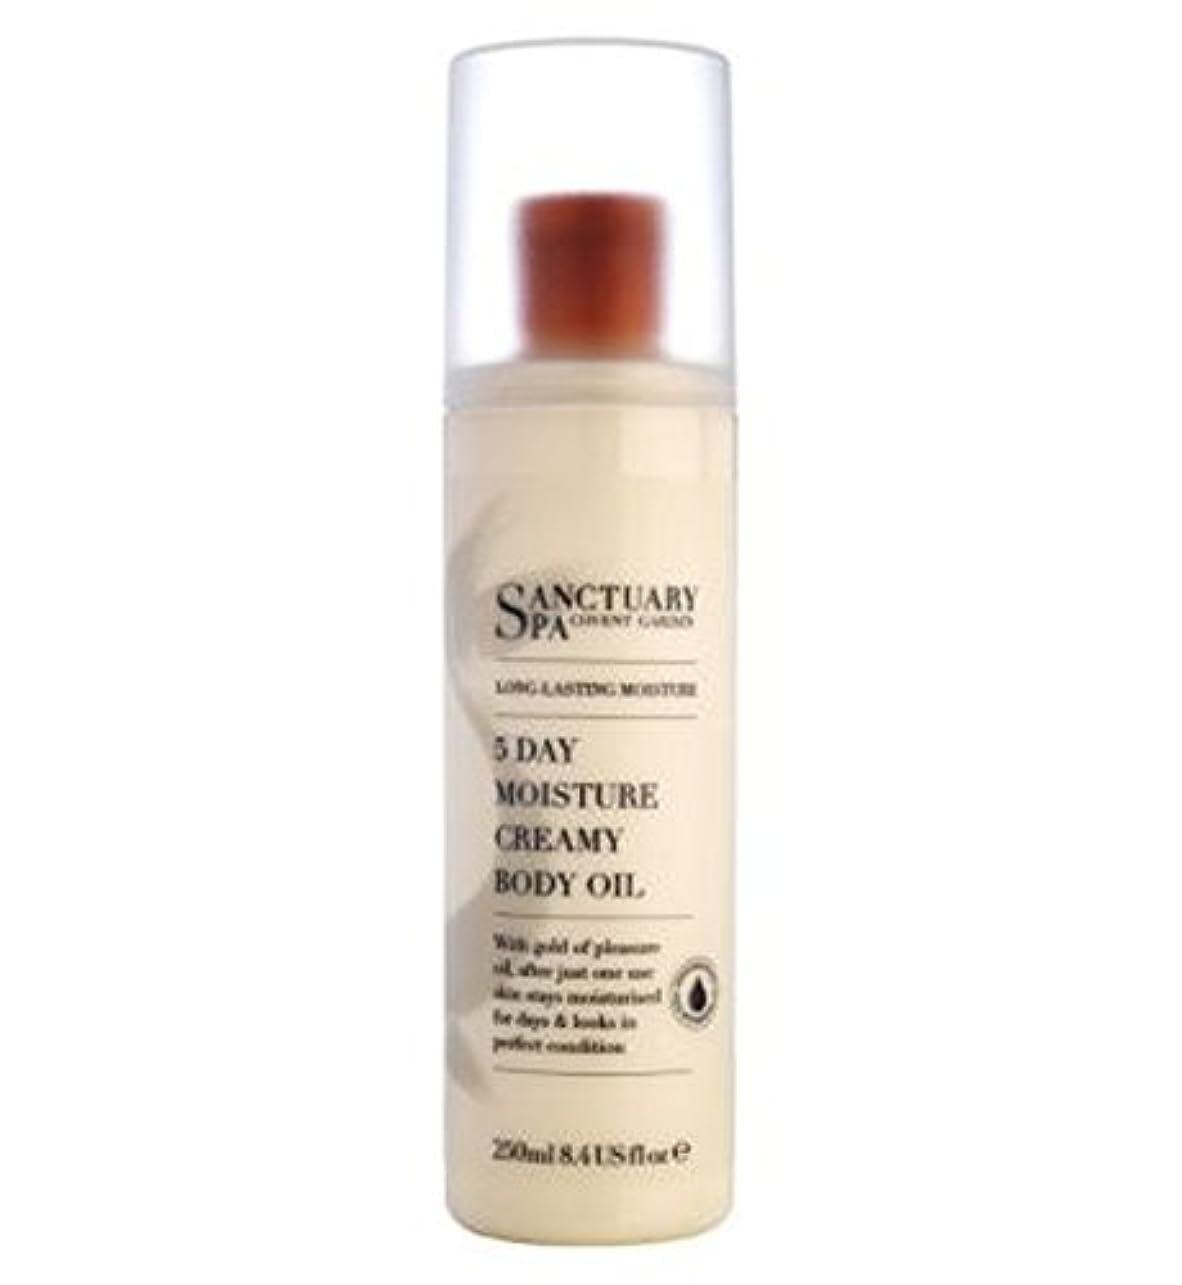 個人的に干渉ディレクターSanctuary Long Lasting Moisture 5 Day Moisture Creamy Body Oil 250ml - 聖域長期的な水分5日間の水分クリーミーボディオイル250ミリリットル (Sanctuary...